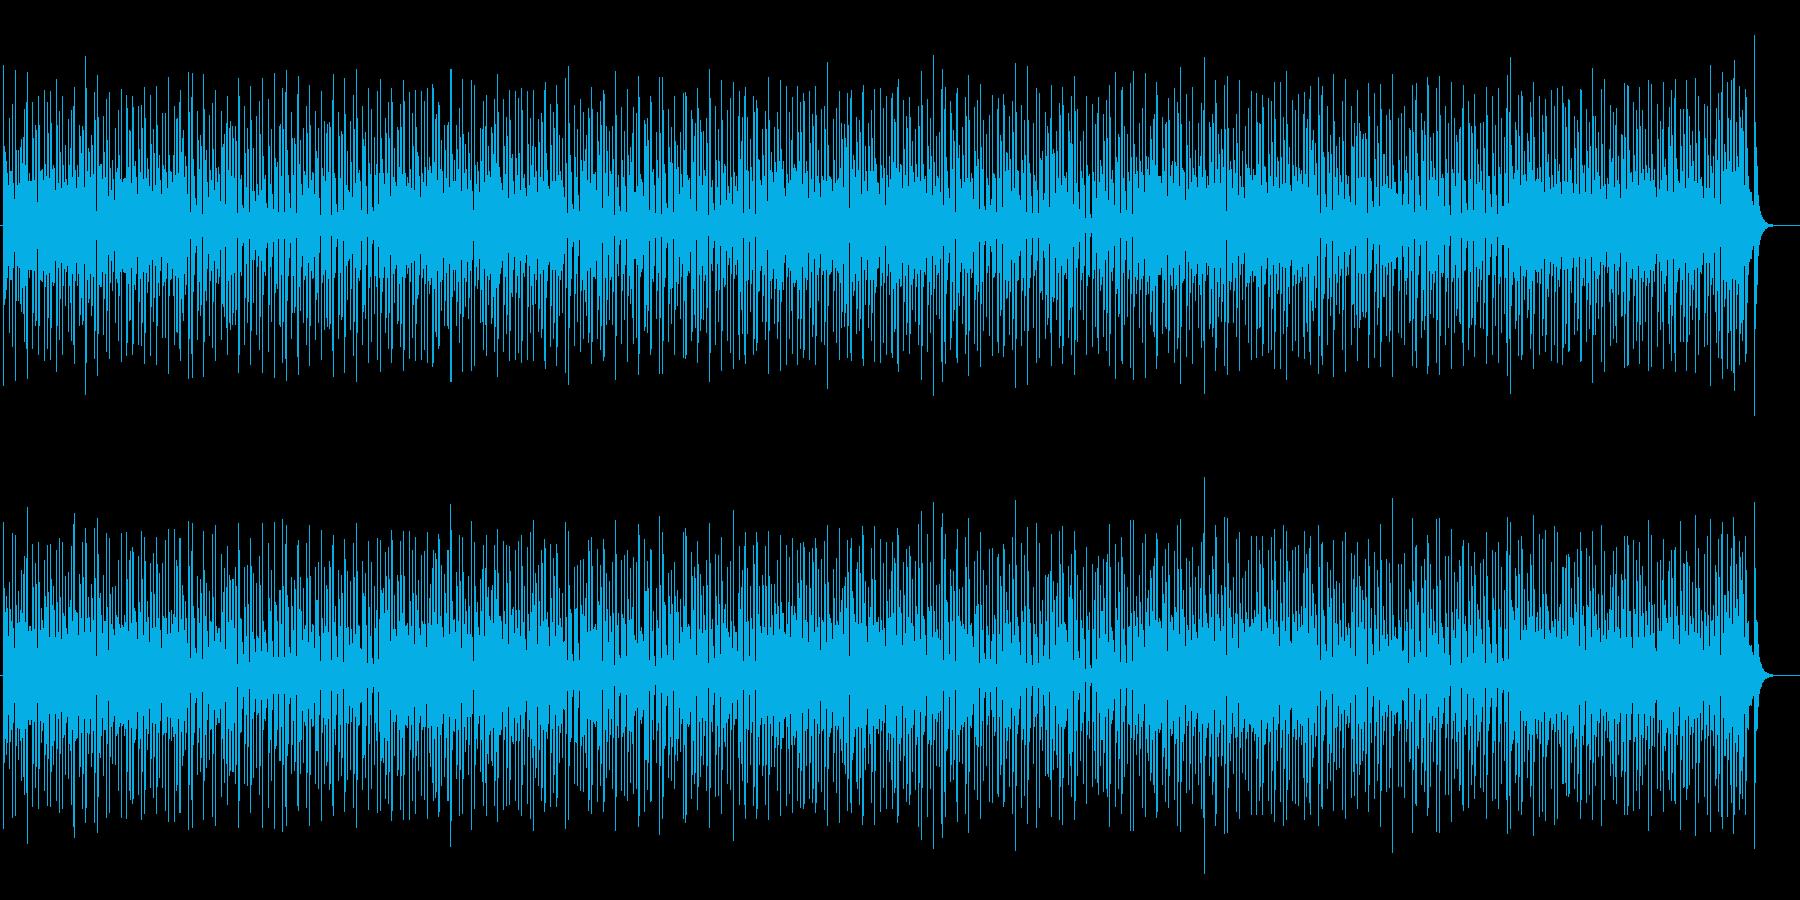 軽やかで明るく、元気が出るテンポの曲の再生済みの波形